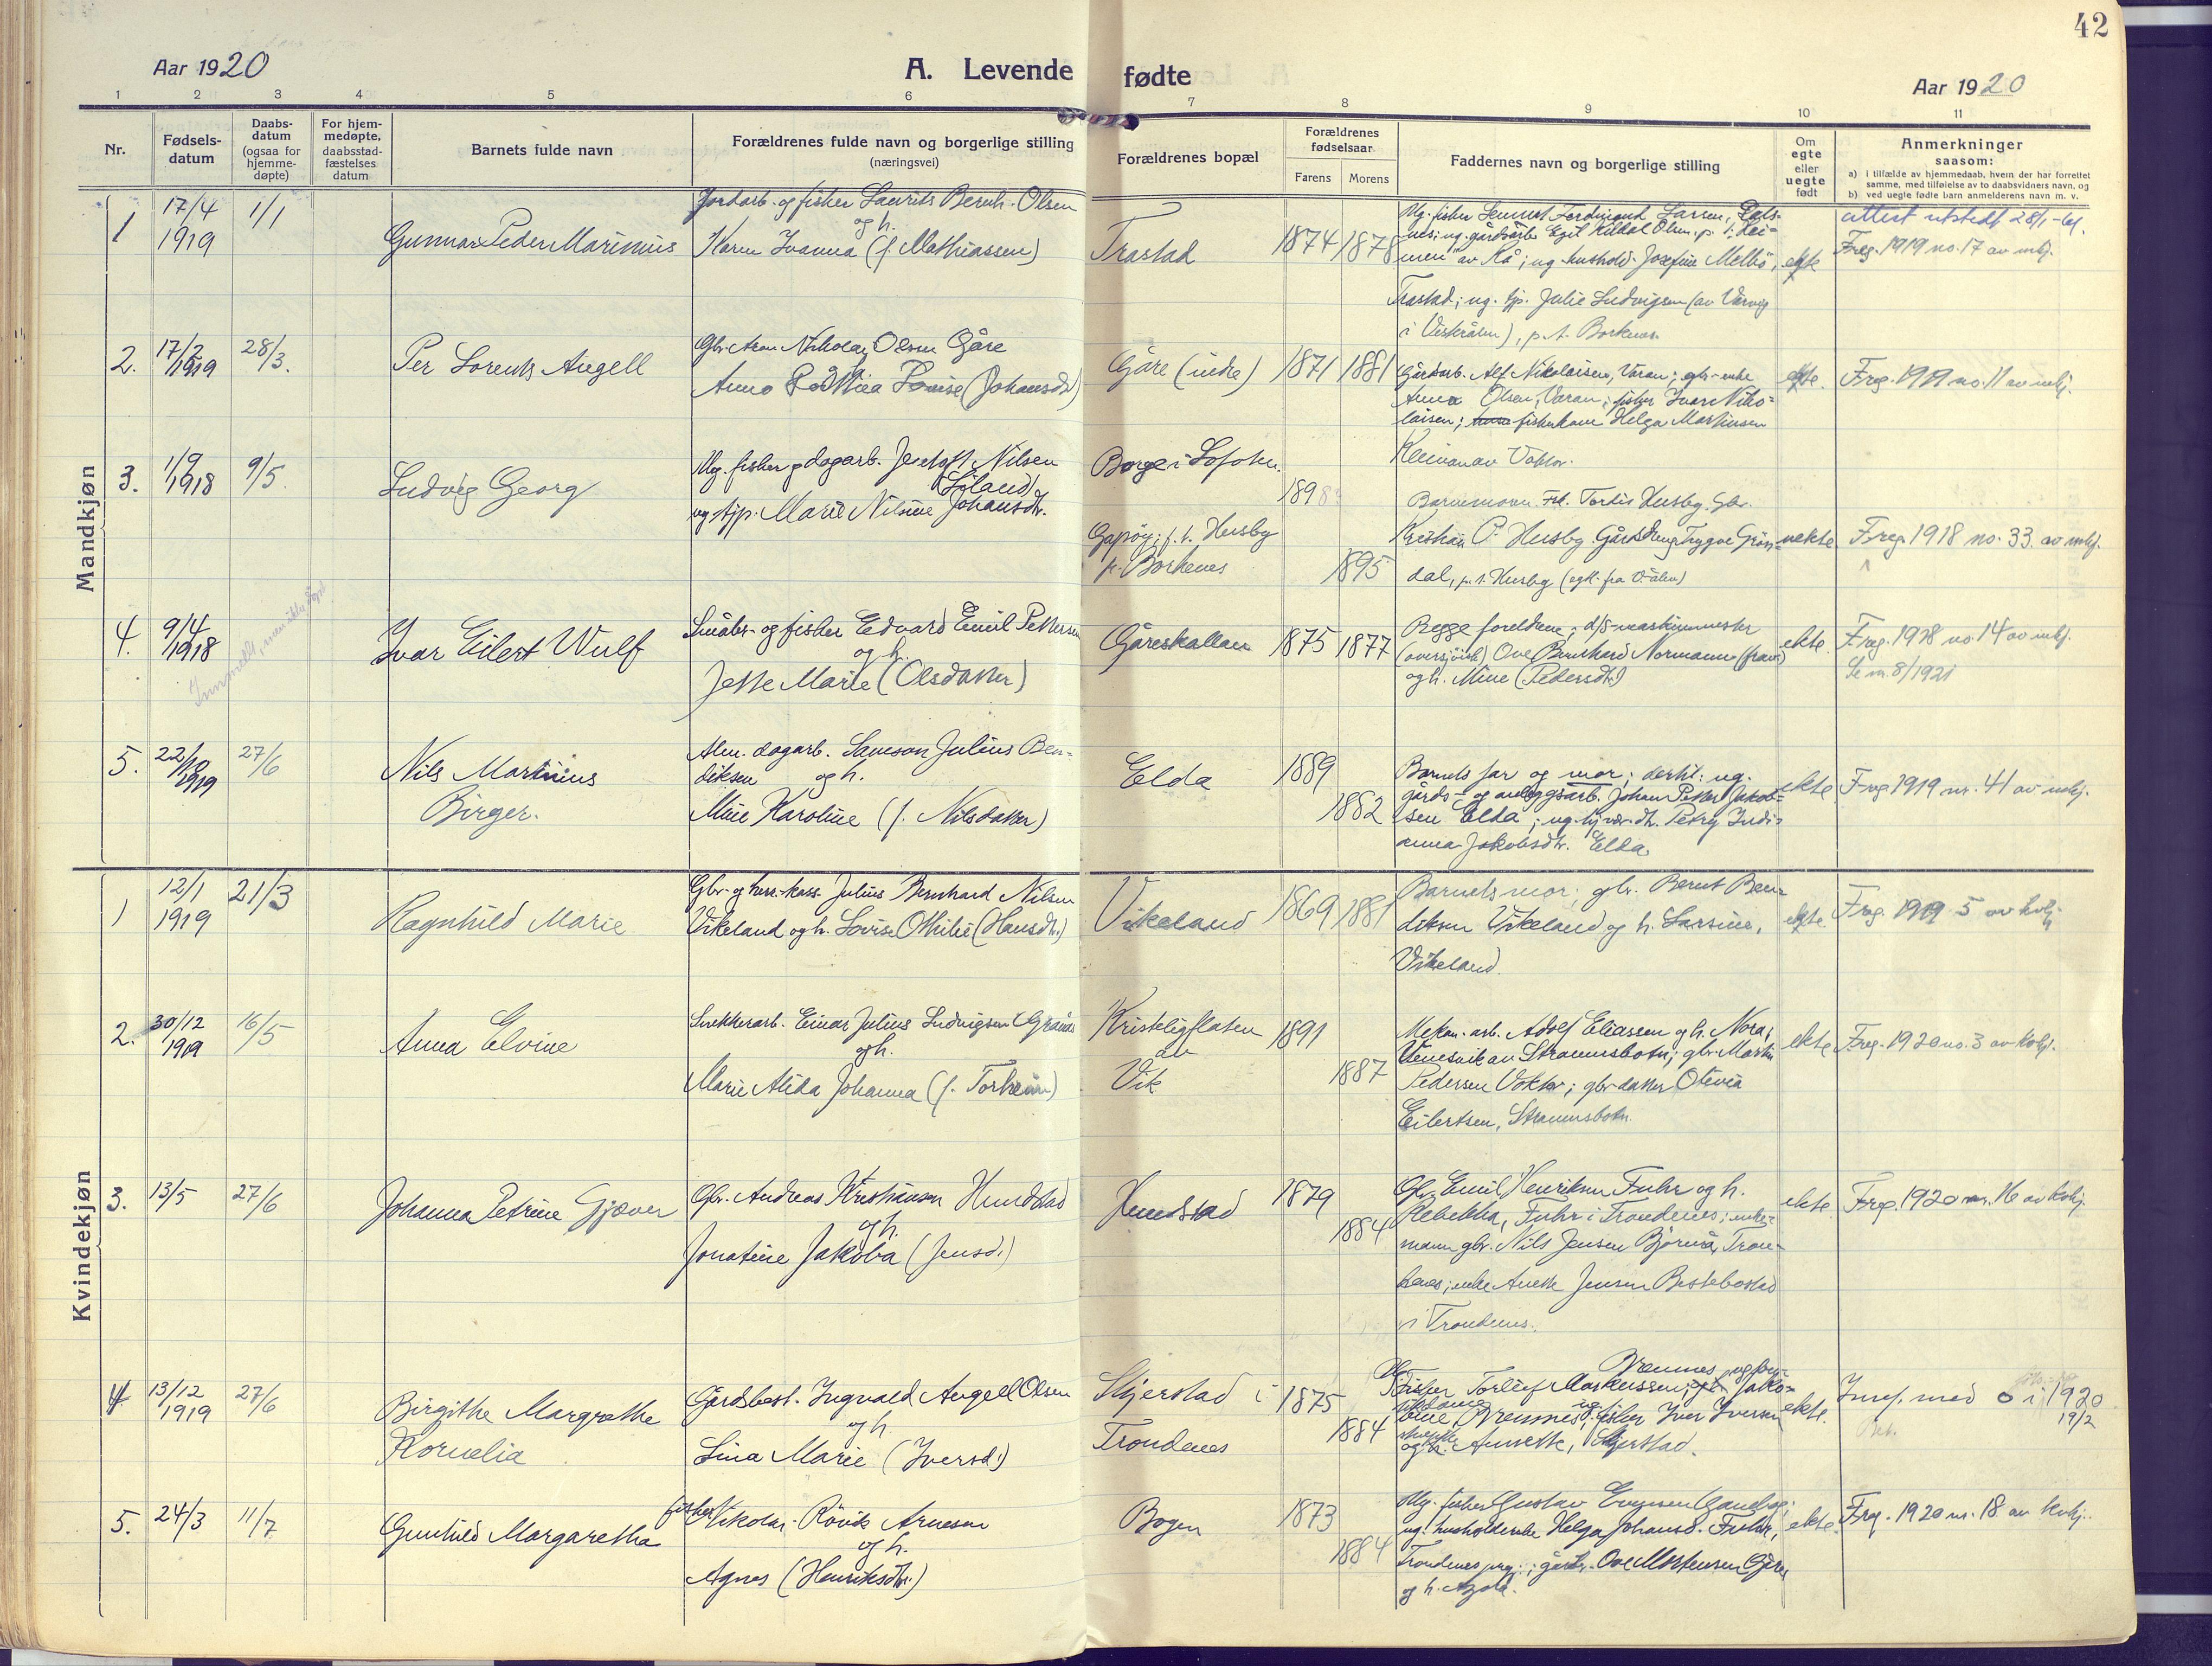 SATØ, Kvæfjord sokneprestkontor, G/Ga/Gaa/L0007kirke: Ministerialbok nr. 7, 1915-1931, s. 42